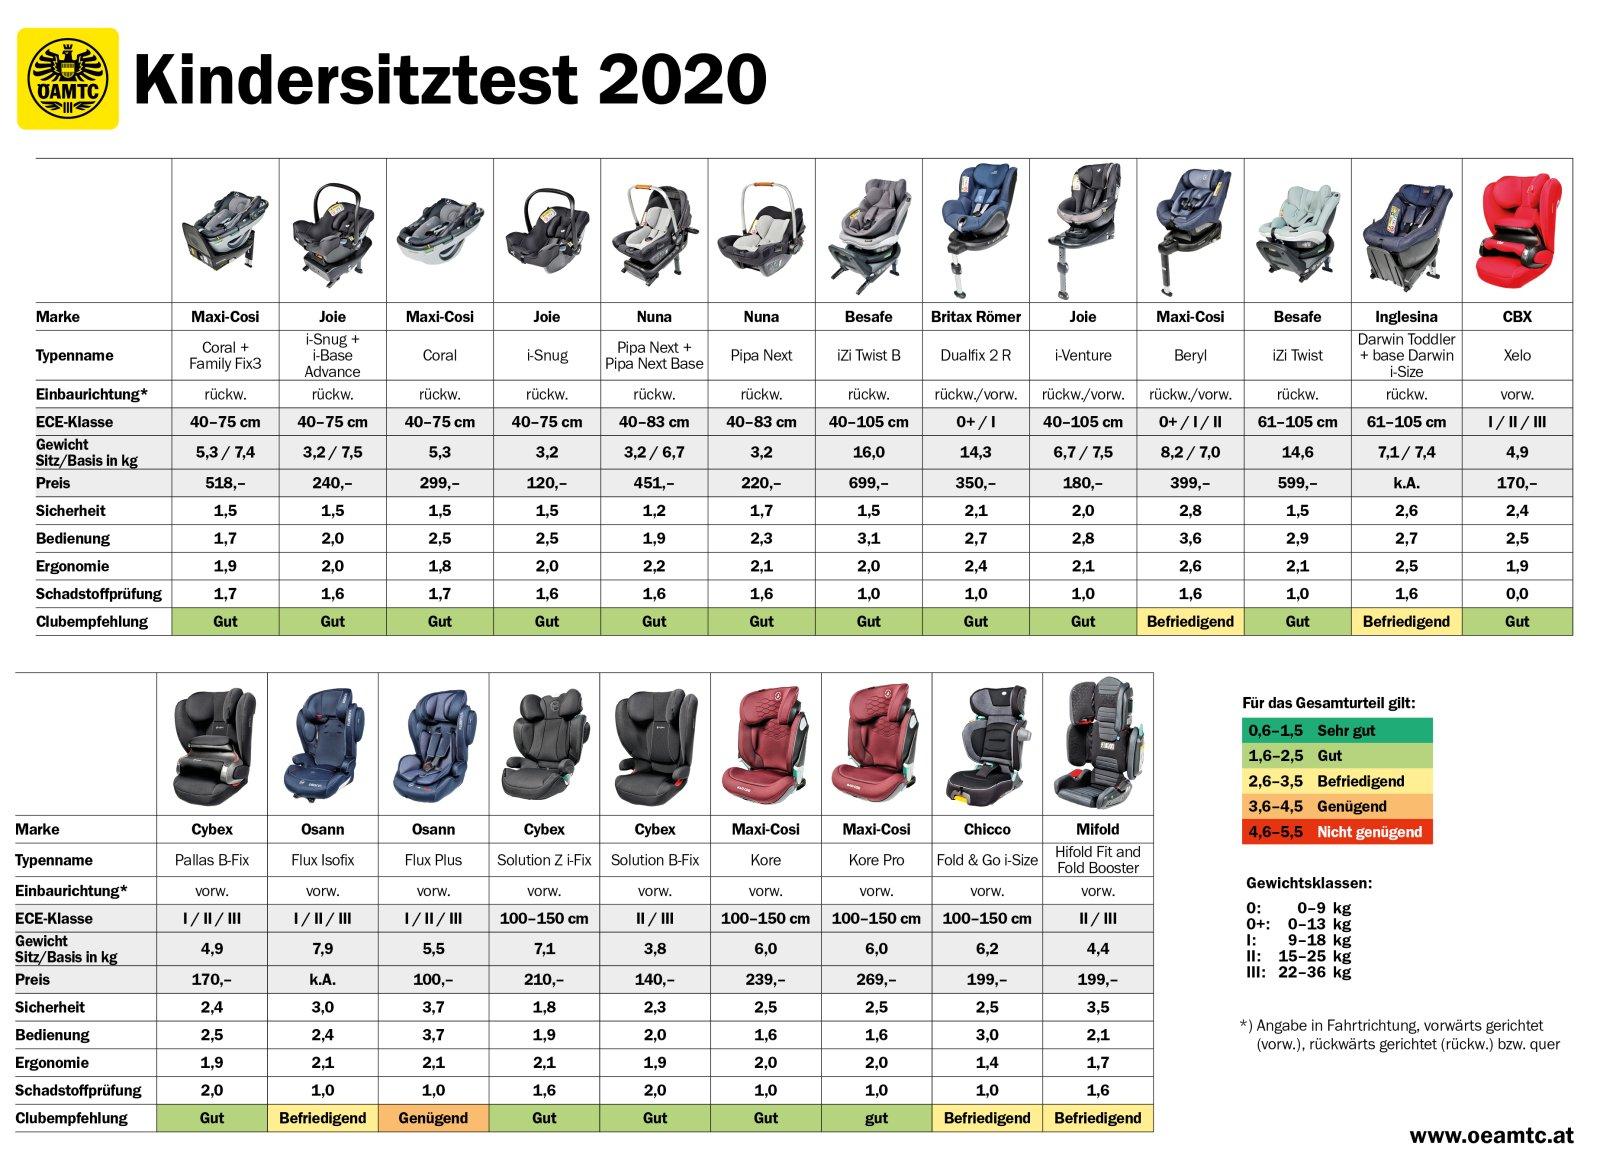 Kindersitz Test 2020: Gute Ergebnisse für viele Modelle [mit